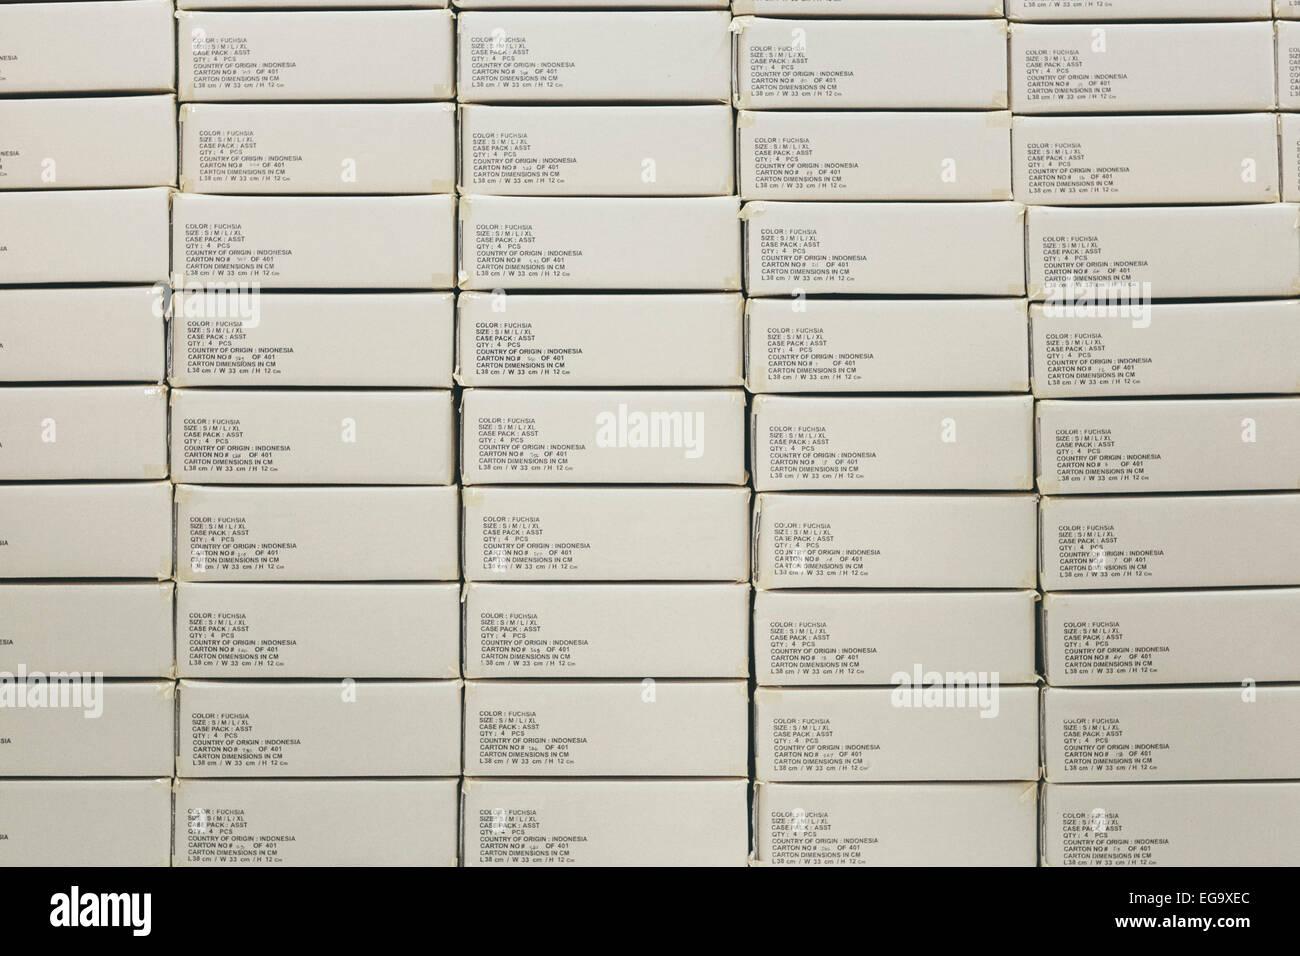 Pila di scatole di prodotti finiti in fabbrica e pronto per la spedizione per esportare da indumento Industria manifatturiera Foto Stock